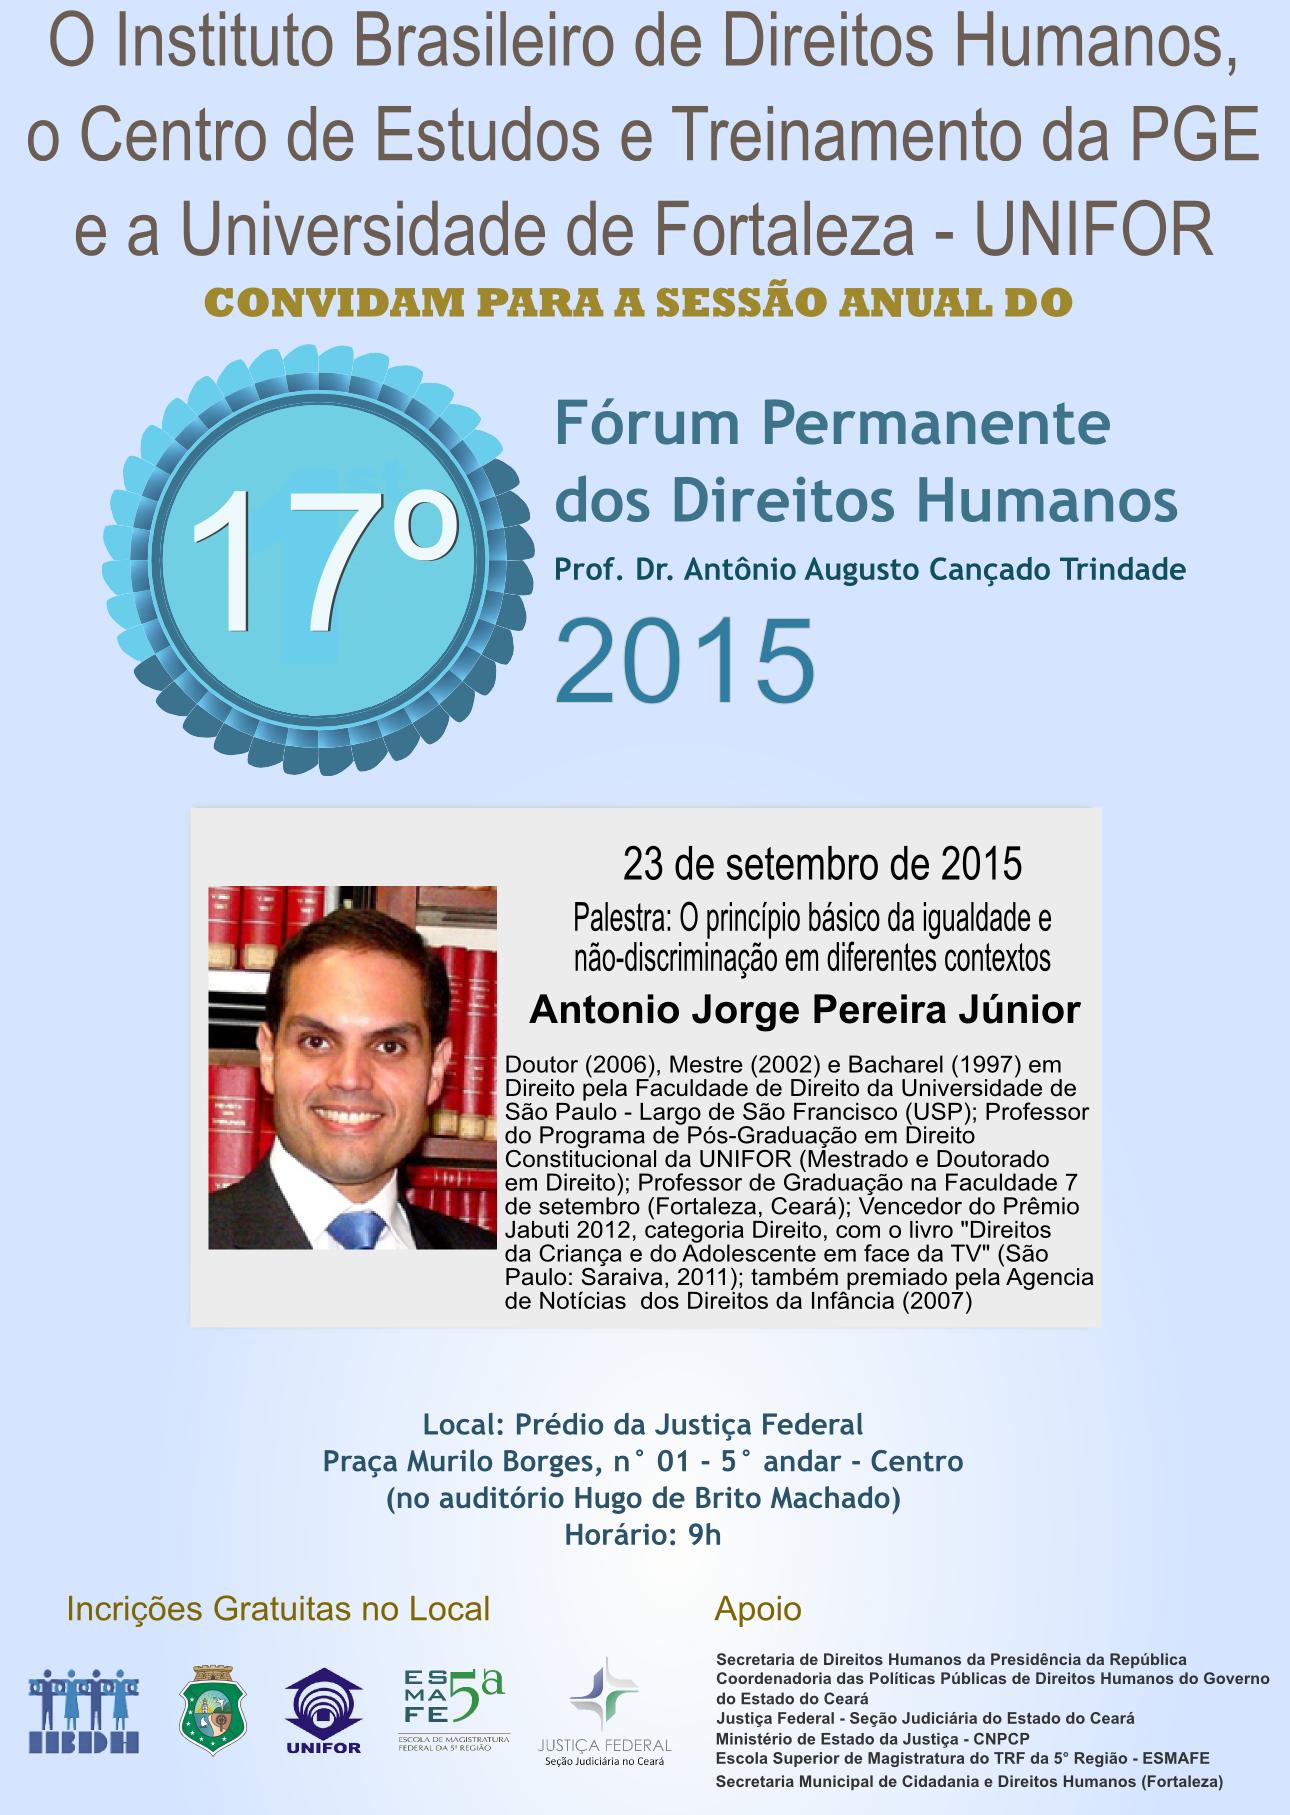 17 Fórum Permanente dos Direitos Humanos (23 de setembro de 2015)